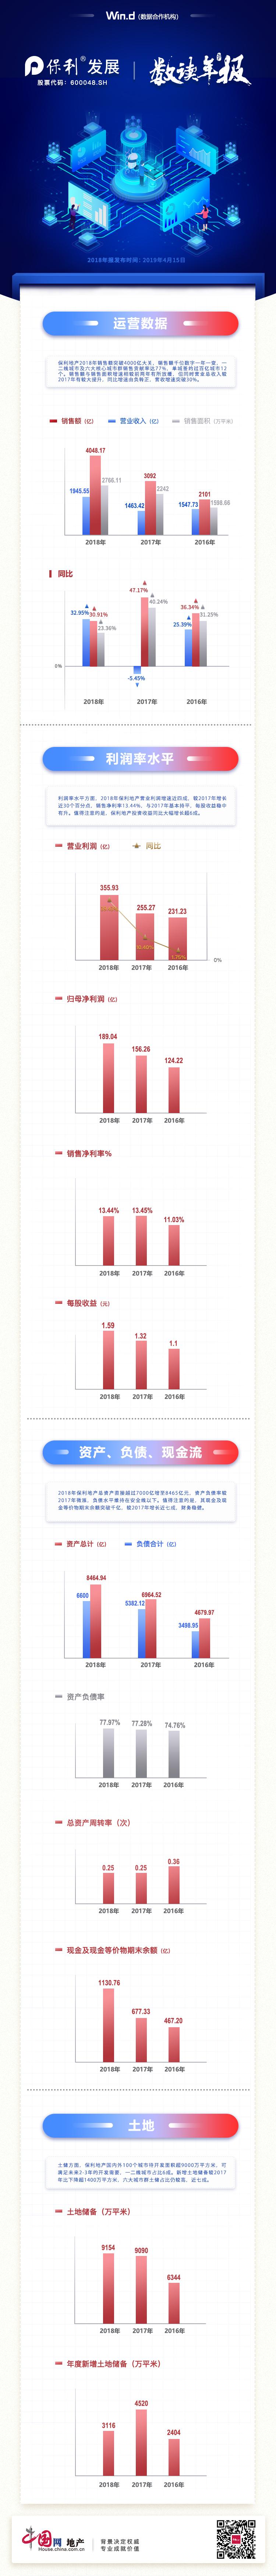 数读年报|保利地产:销售增速放缓 投资收益同比增长超6成-中国网地产